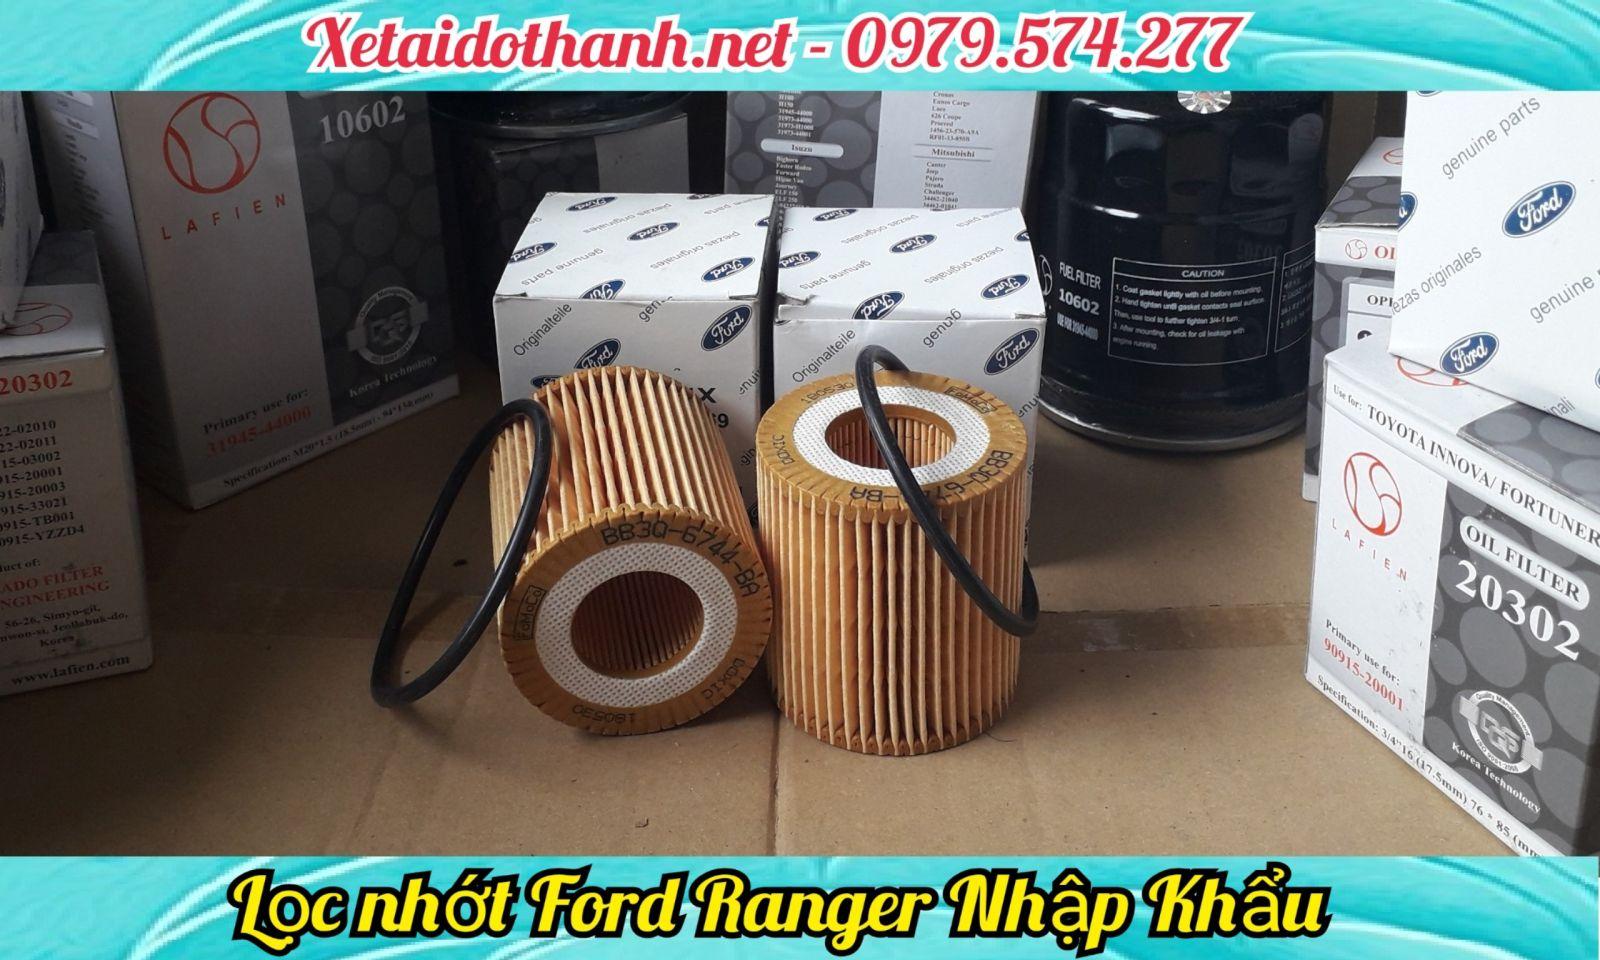 Lọc nhớt Ford Ranger Nhập khẩu - Giá rẻ